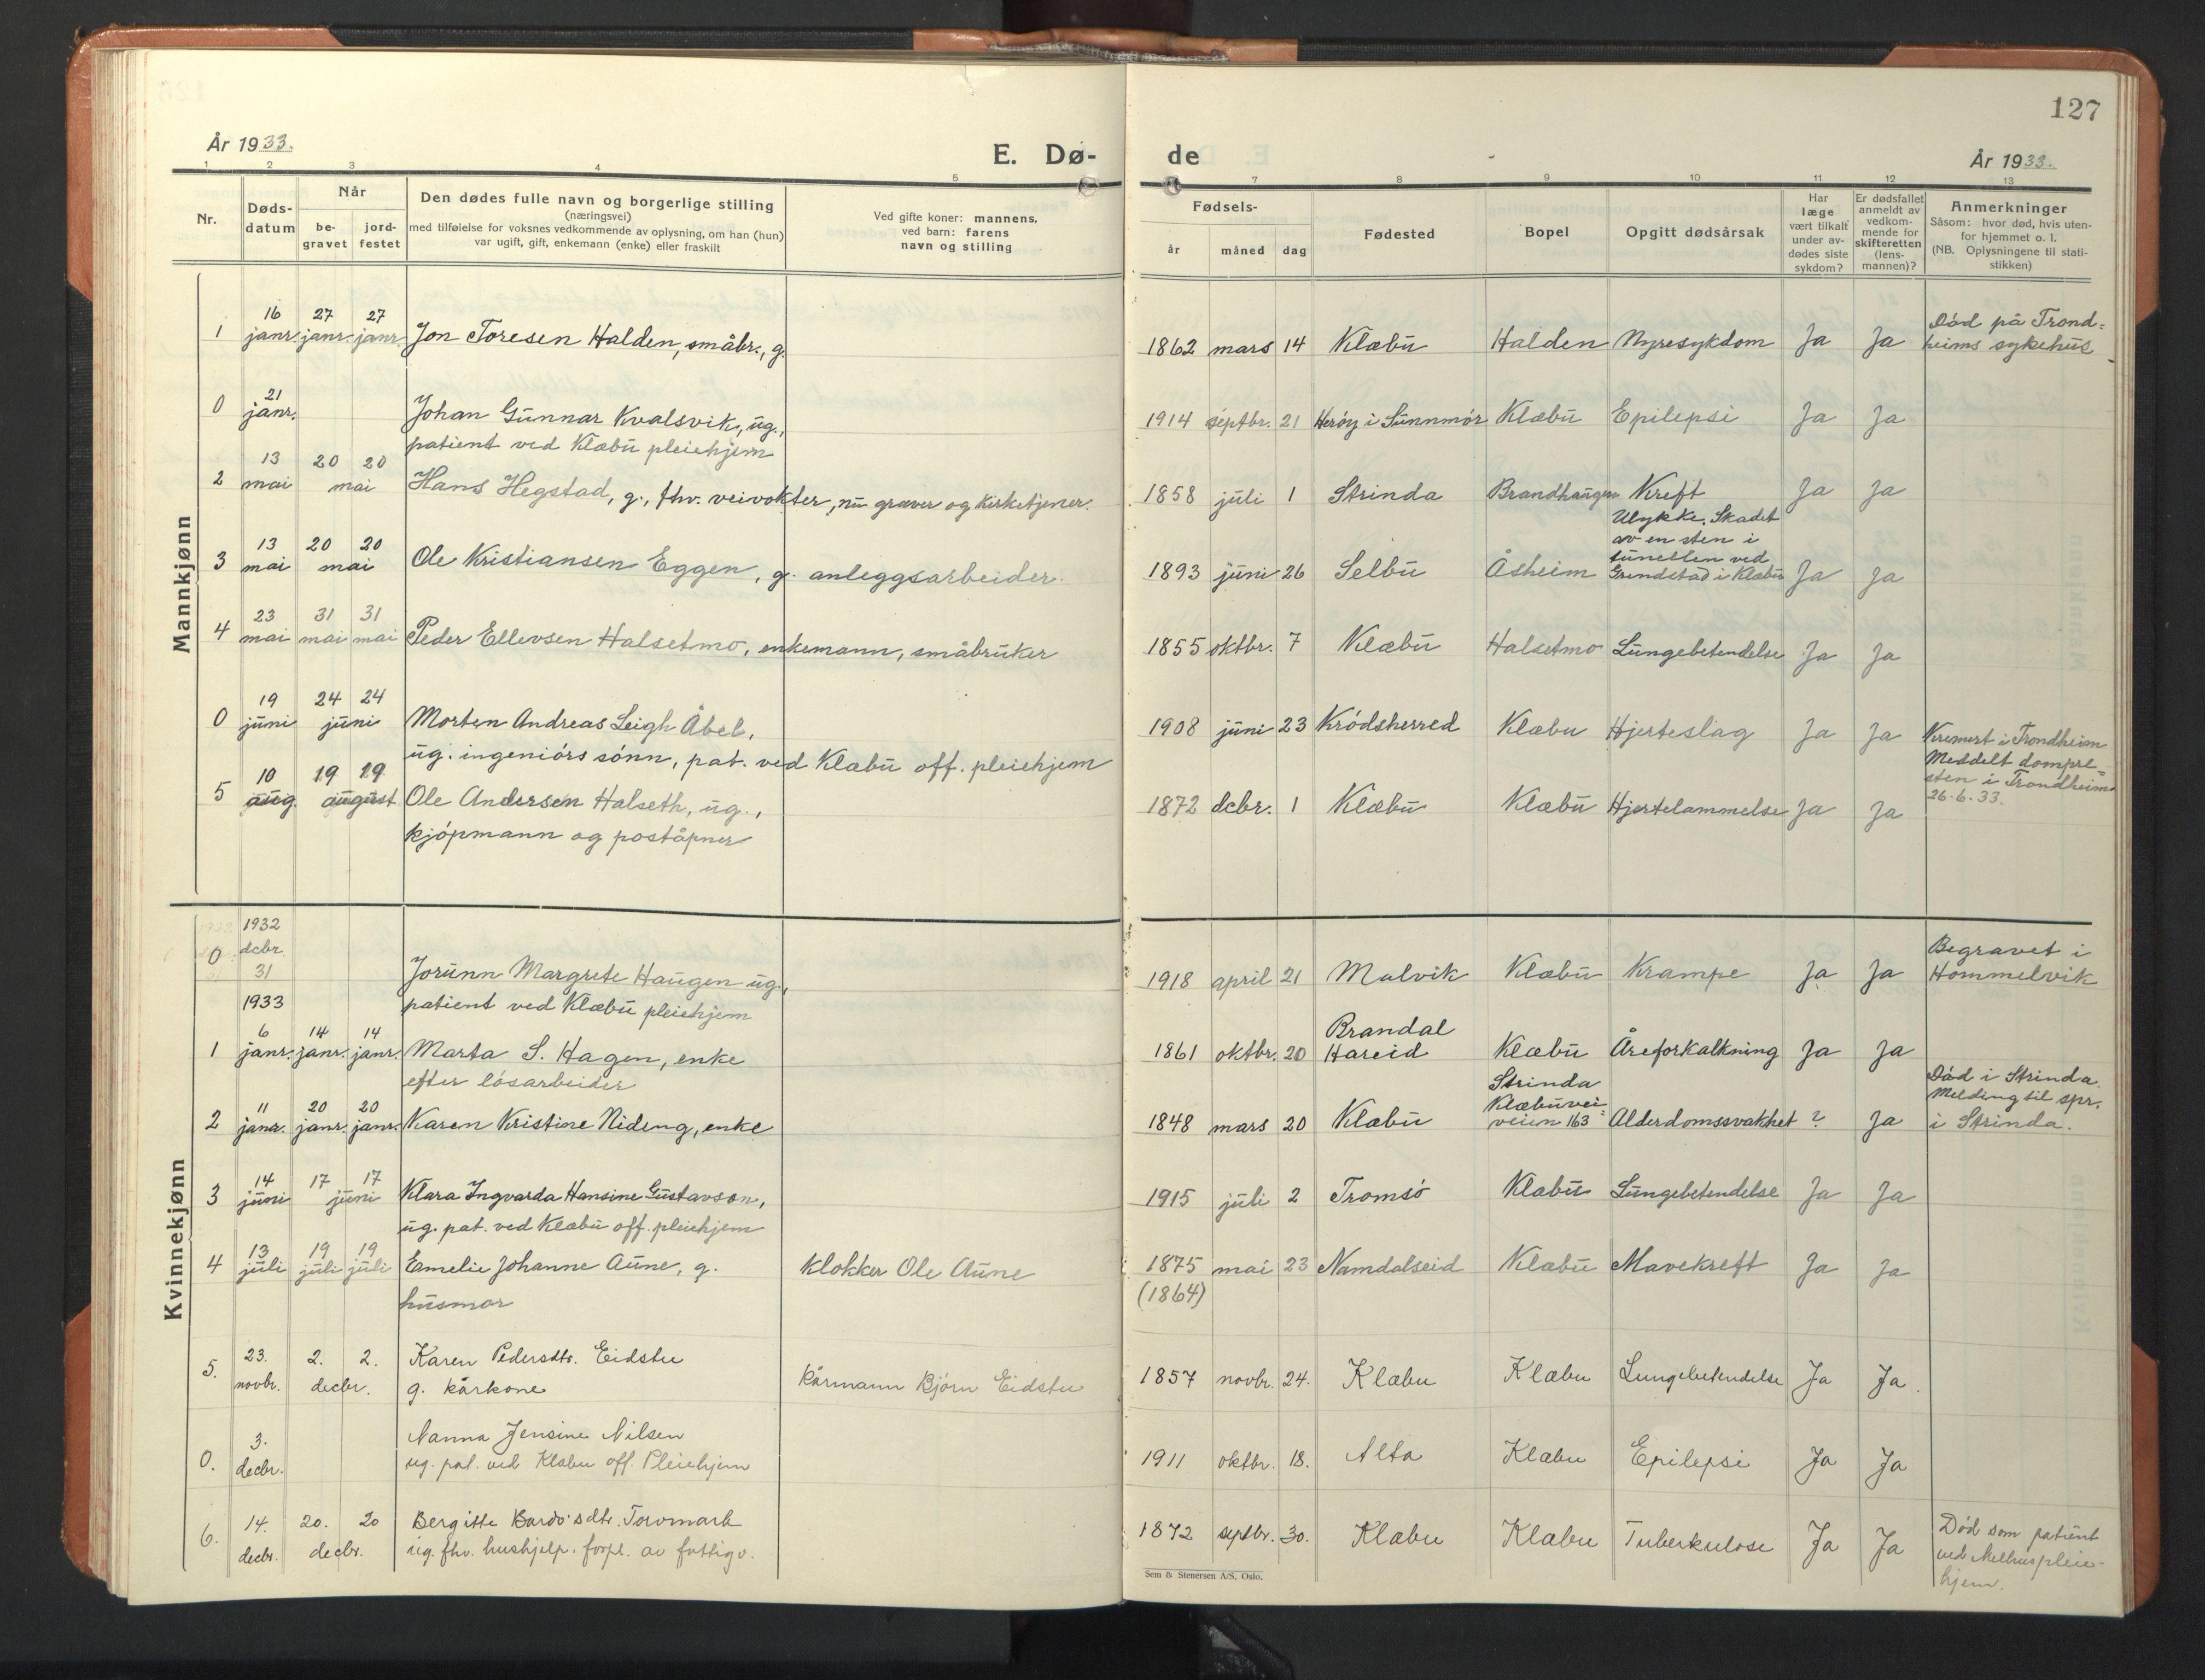 SAT, Ministerialprotokoller, klokkerbøker og fødselsregistre - Sør-Trøndelag, 618/L0454: Klokkerbok nr. 618C05, 1926-1946, s. 127